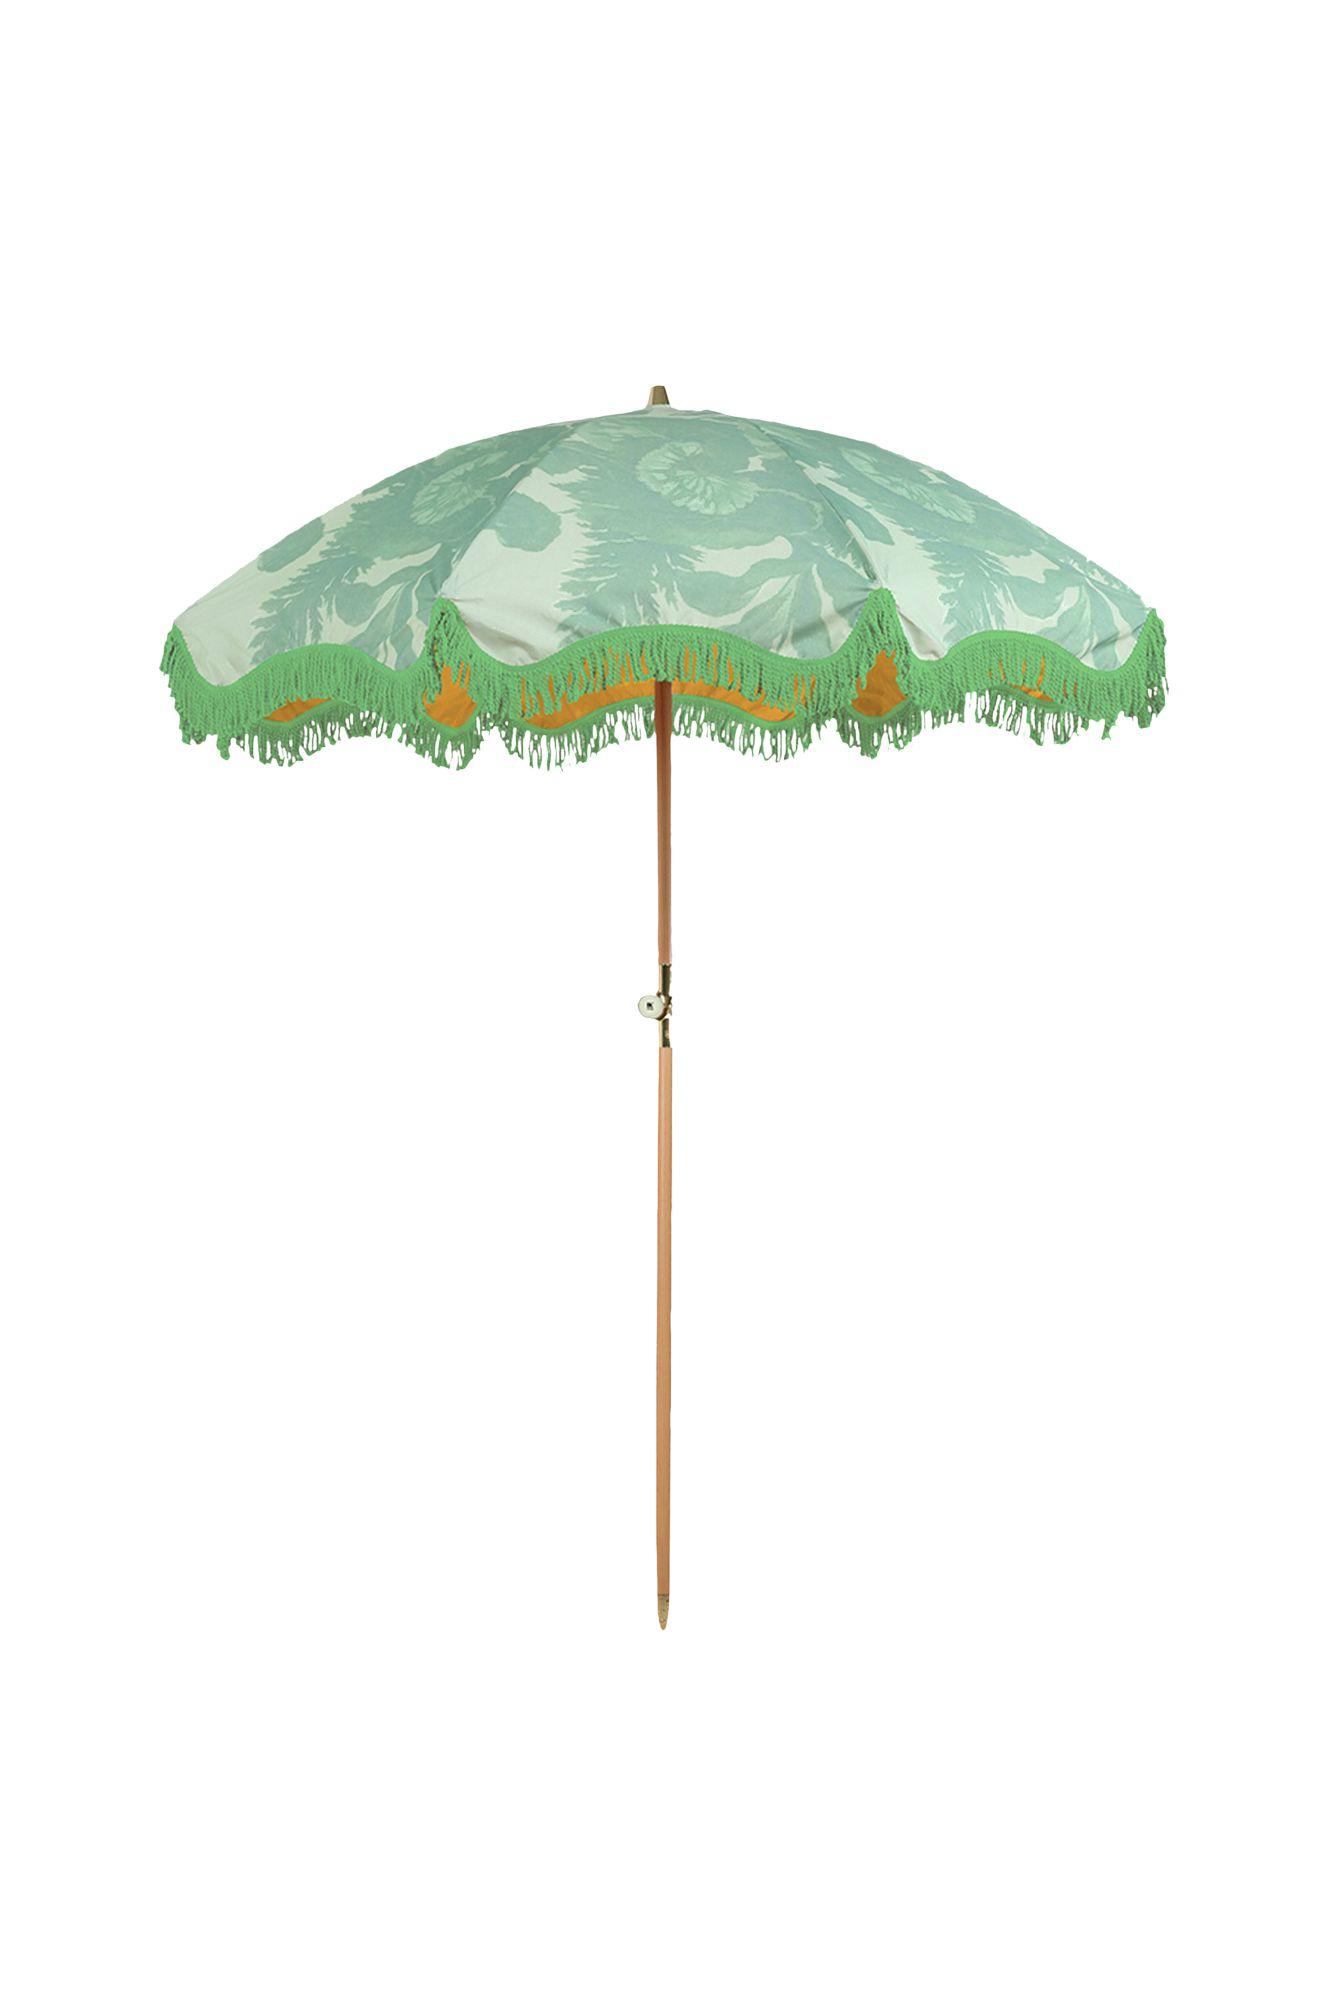 Näyttävä hapsullinen aurinkovarjo kerää katseet ja suojaa auringolta. Halk. 2 m, varsi pyökkiä. 349,90 €, Ellos.